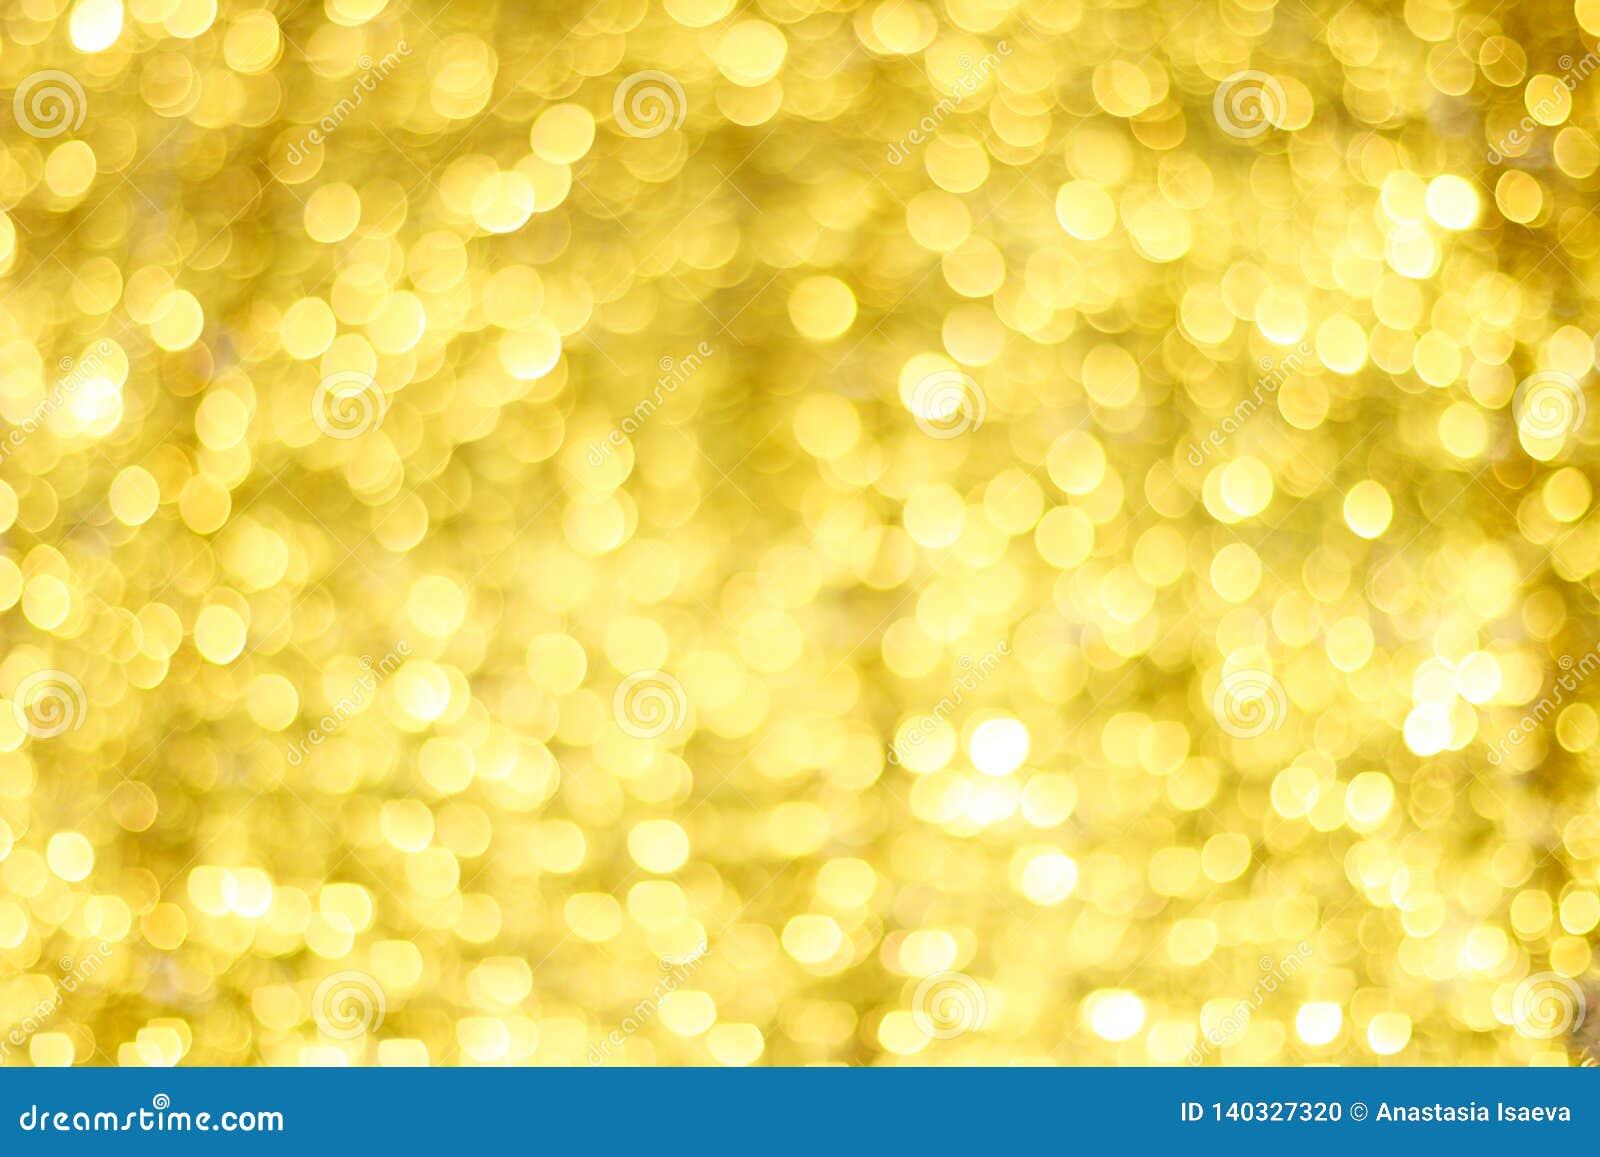 Bokeh golden blur. Gold glittering lights. Bokeh circles